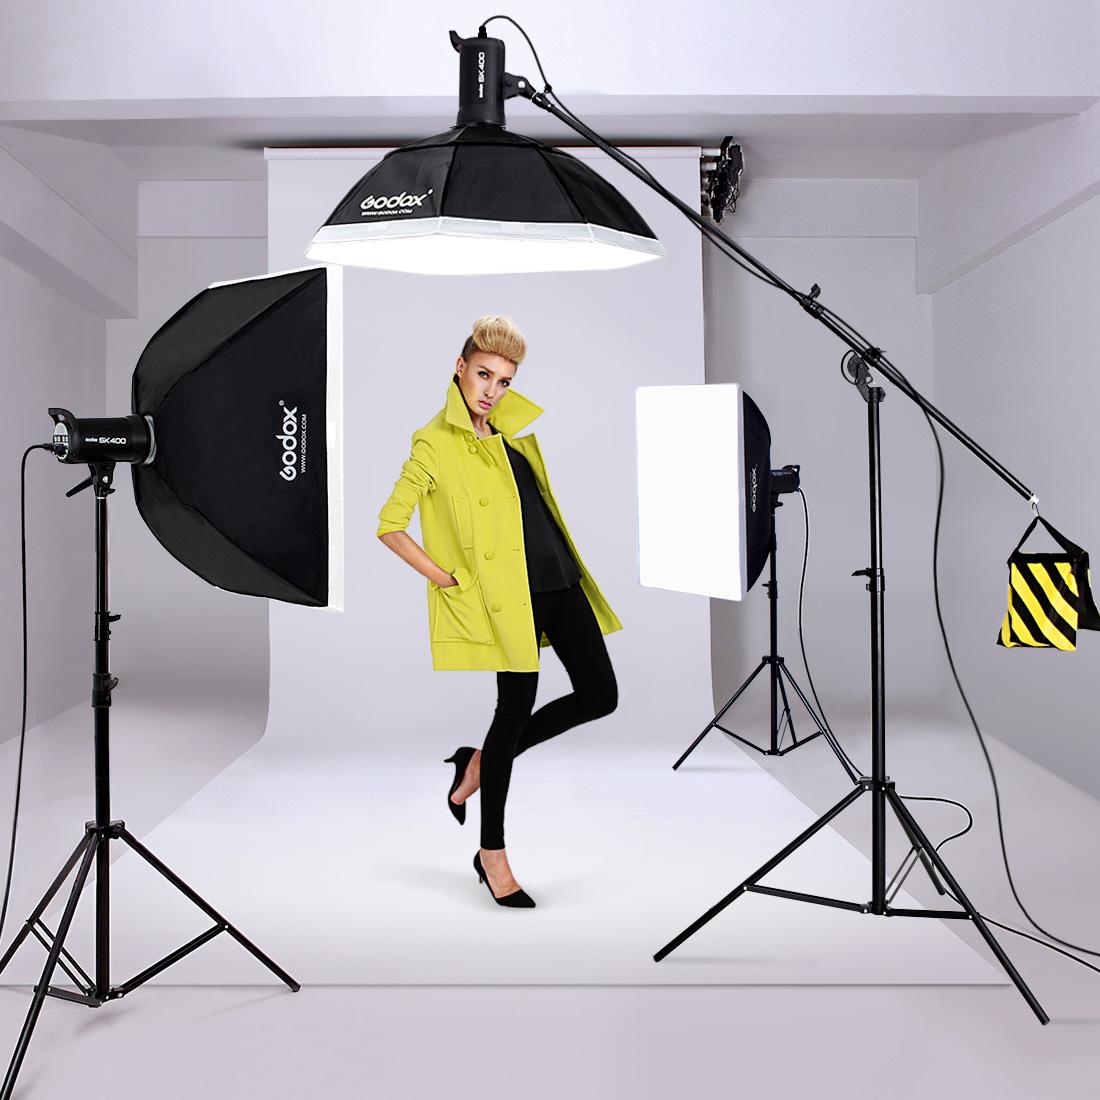 стоимость фон для фотографирования одежды на столе одном своих